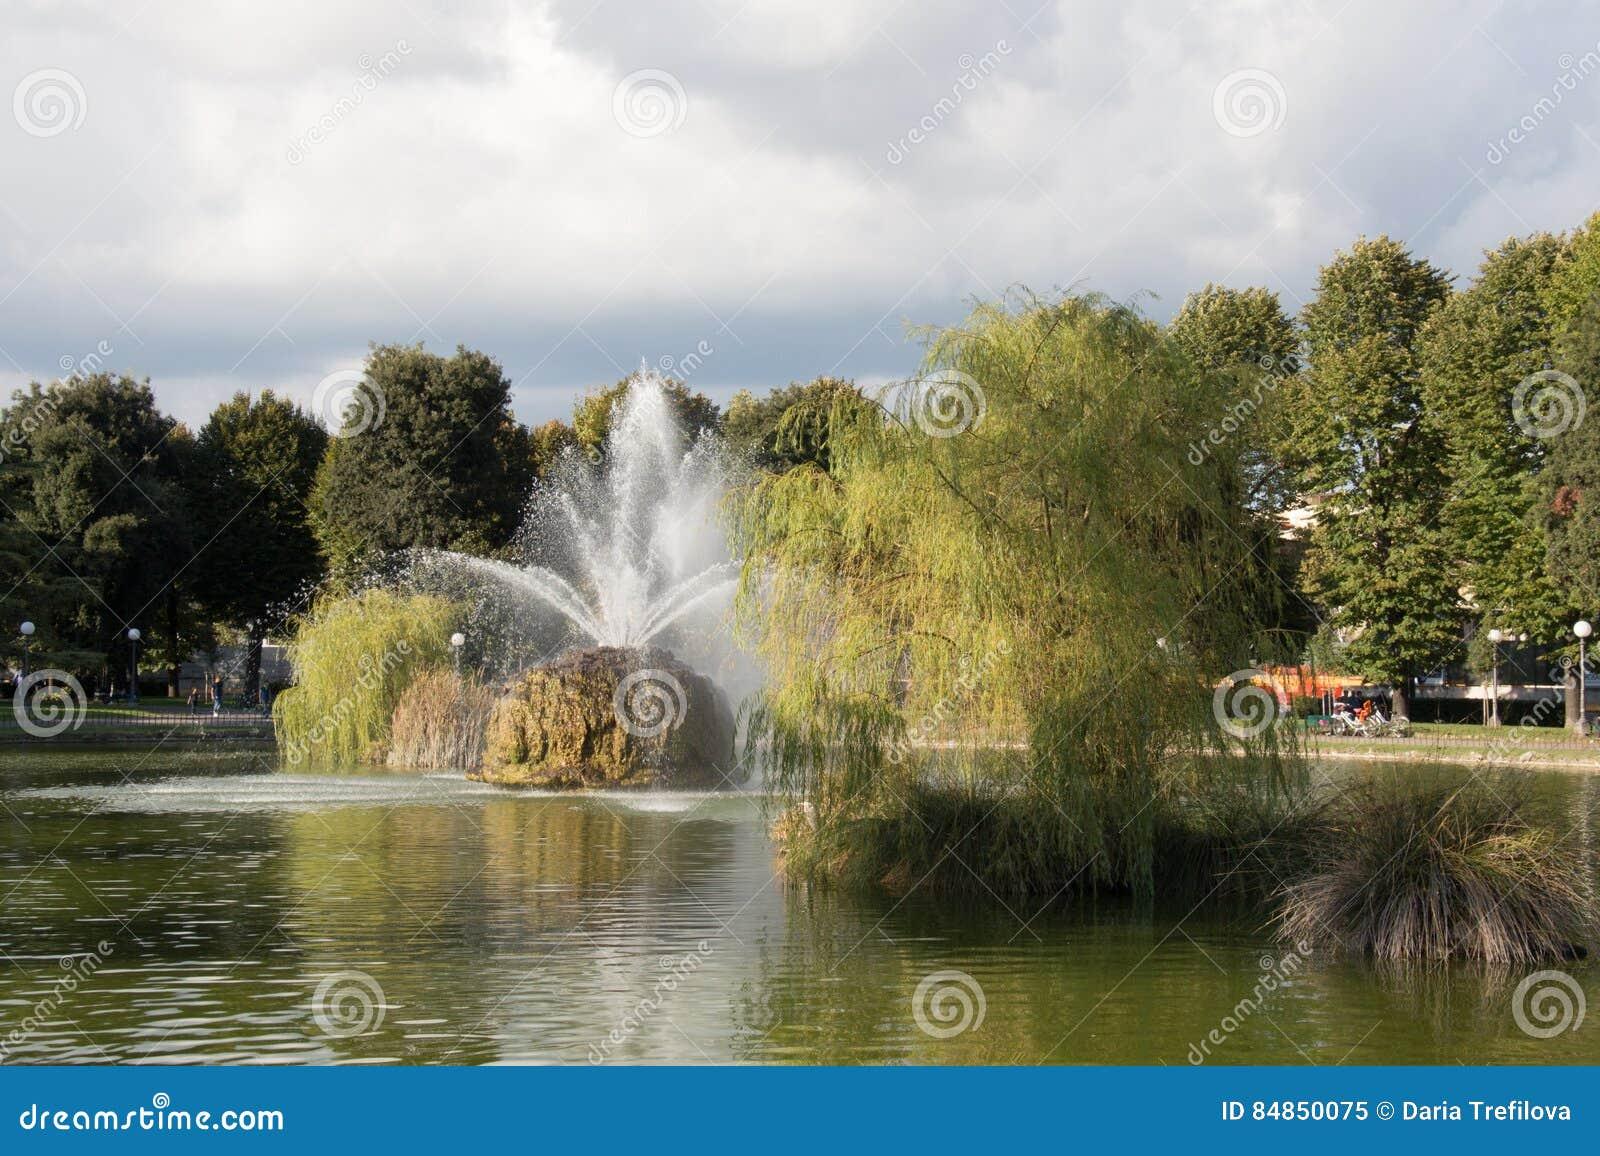 Fontane Da Giardino Firenze.La Fontana Nel Giardino Del Basso Di Fortezza Da Firenze L